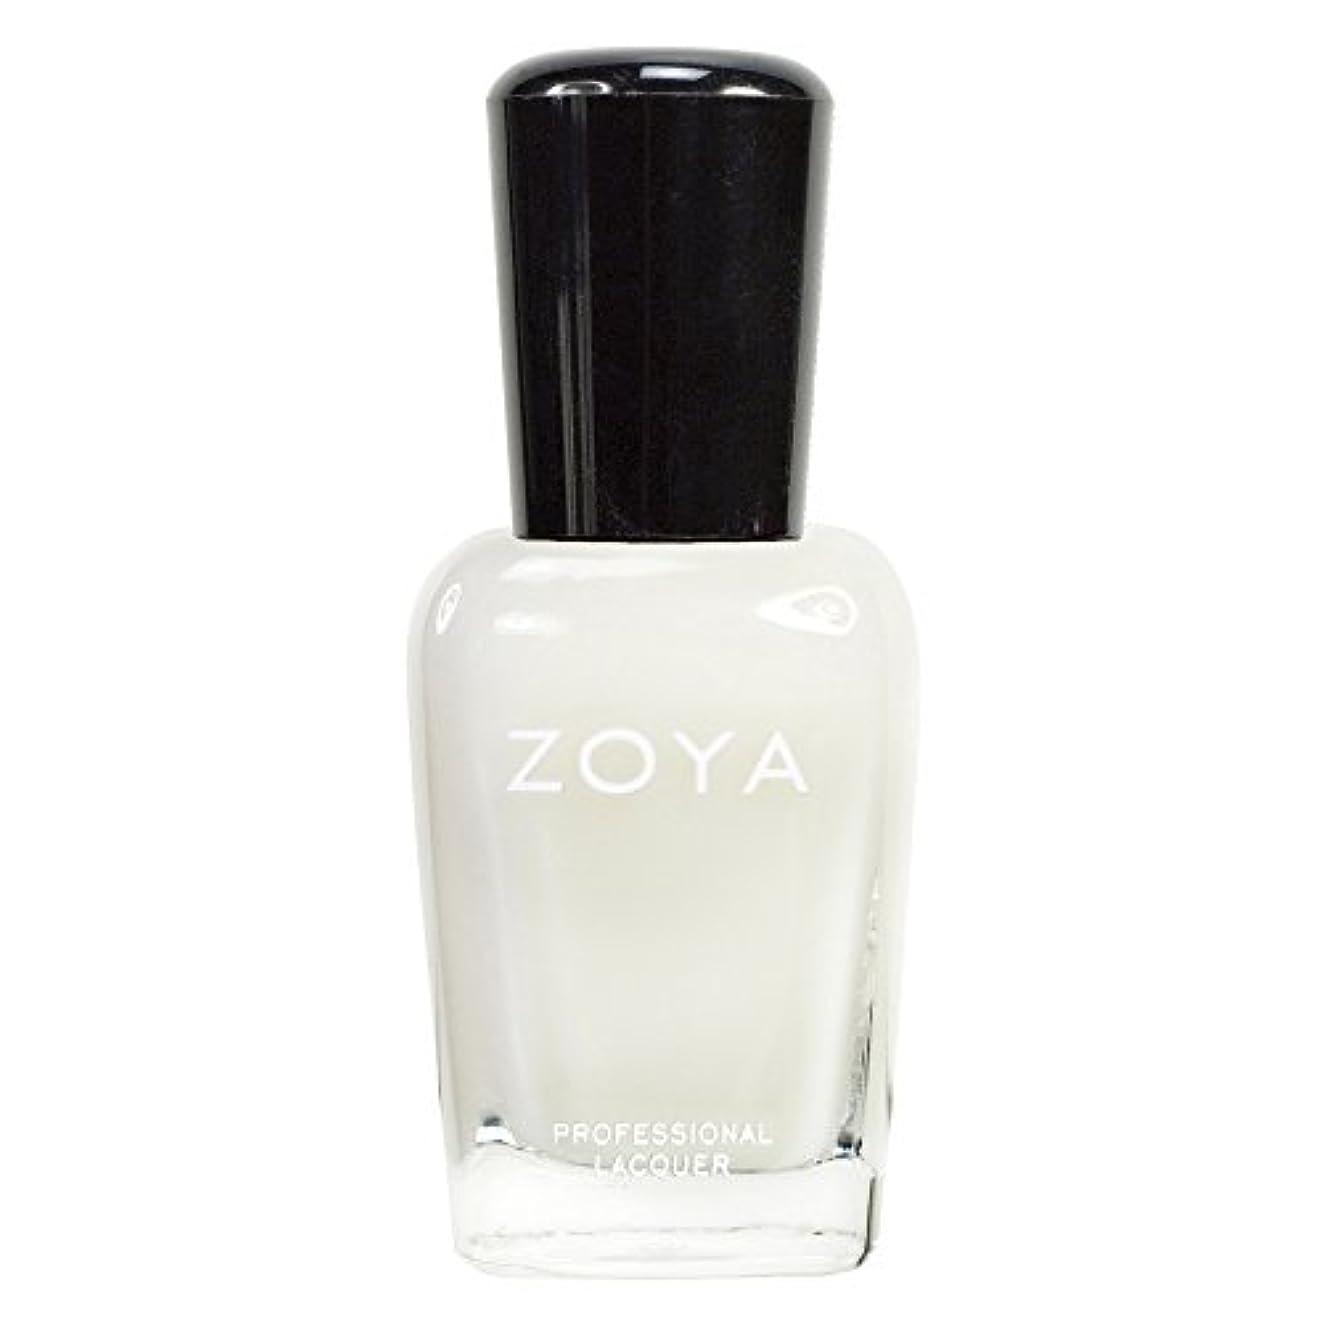 キャンペーンかんたん類推ZOYA ゾーヤ ネイルカラーZP330 LUCY ルーシィ 15ml 自然なオフホワイト シアー?マット 爪にやさしいネイルラッカーマニキュア